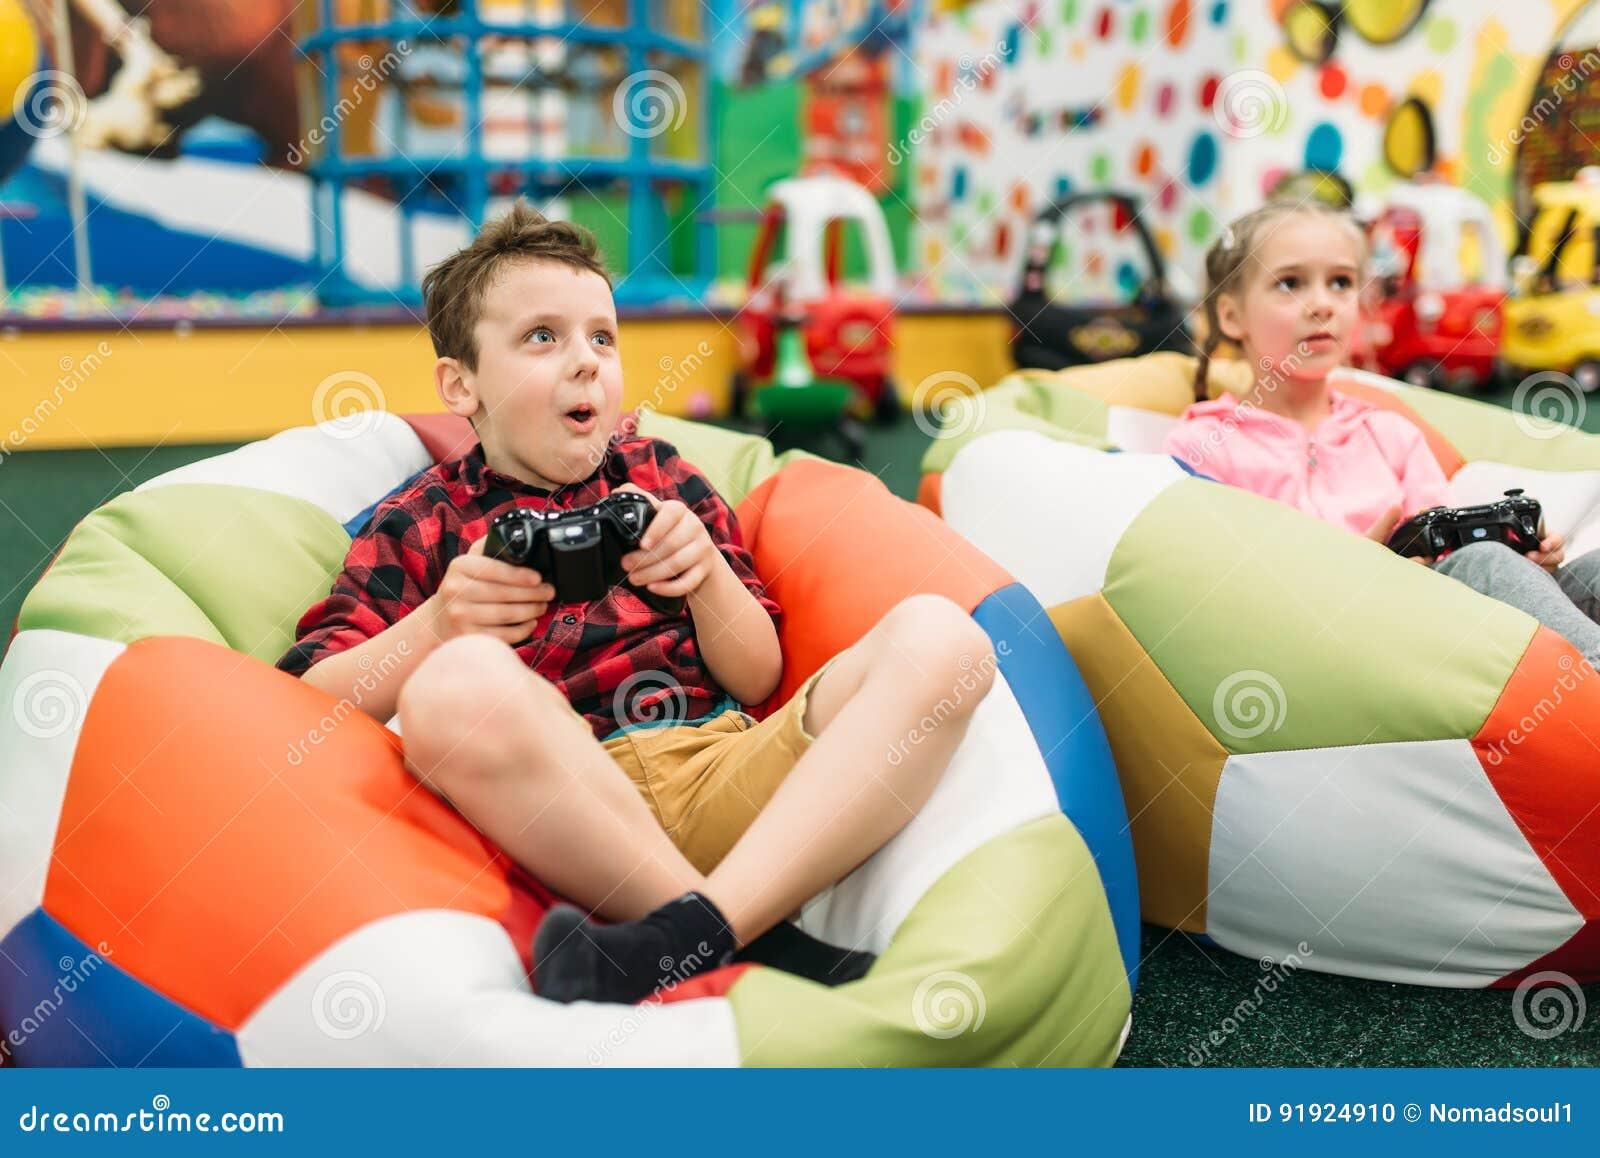 孩子充当比赛控制台,愉快的童年